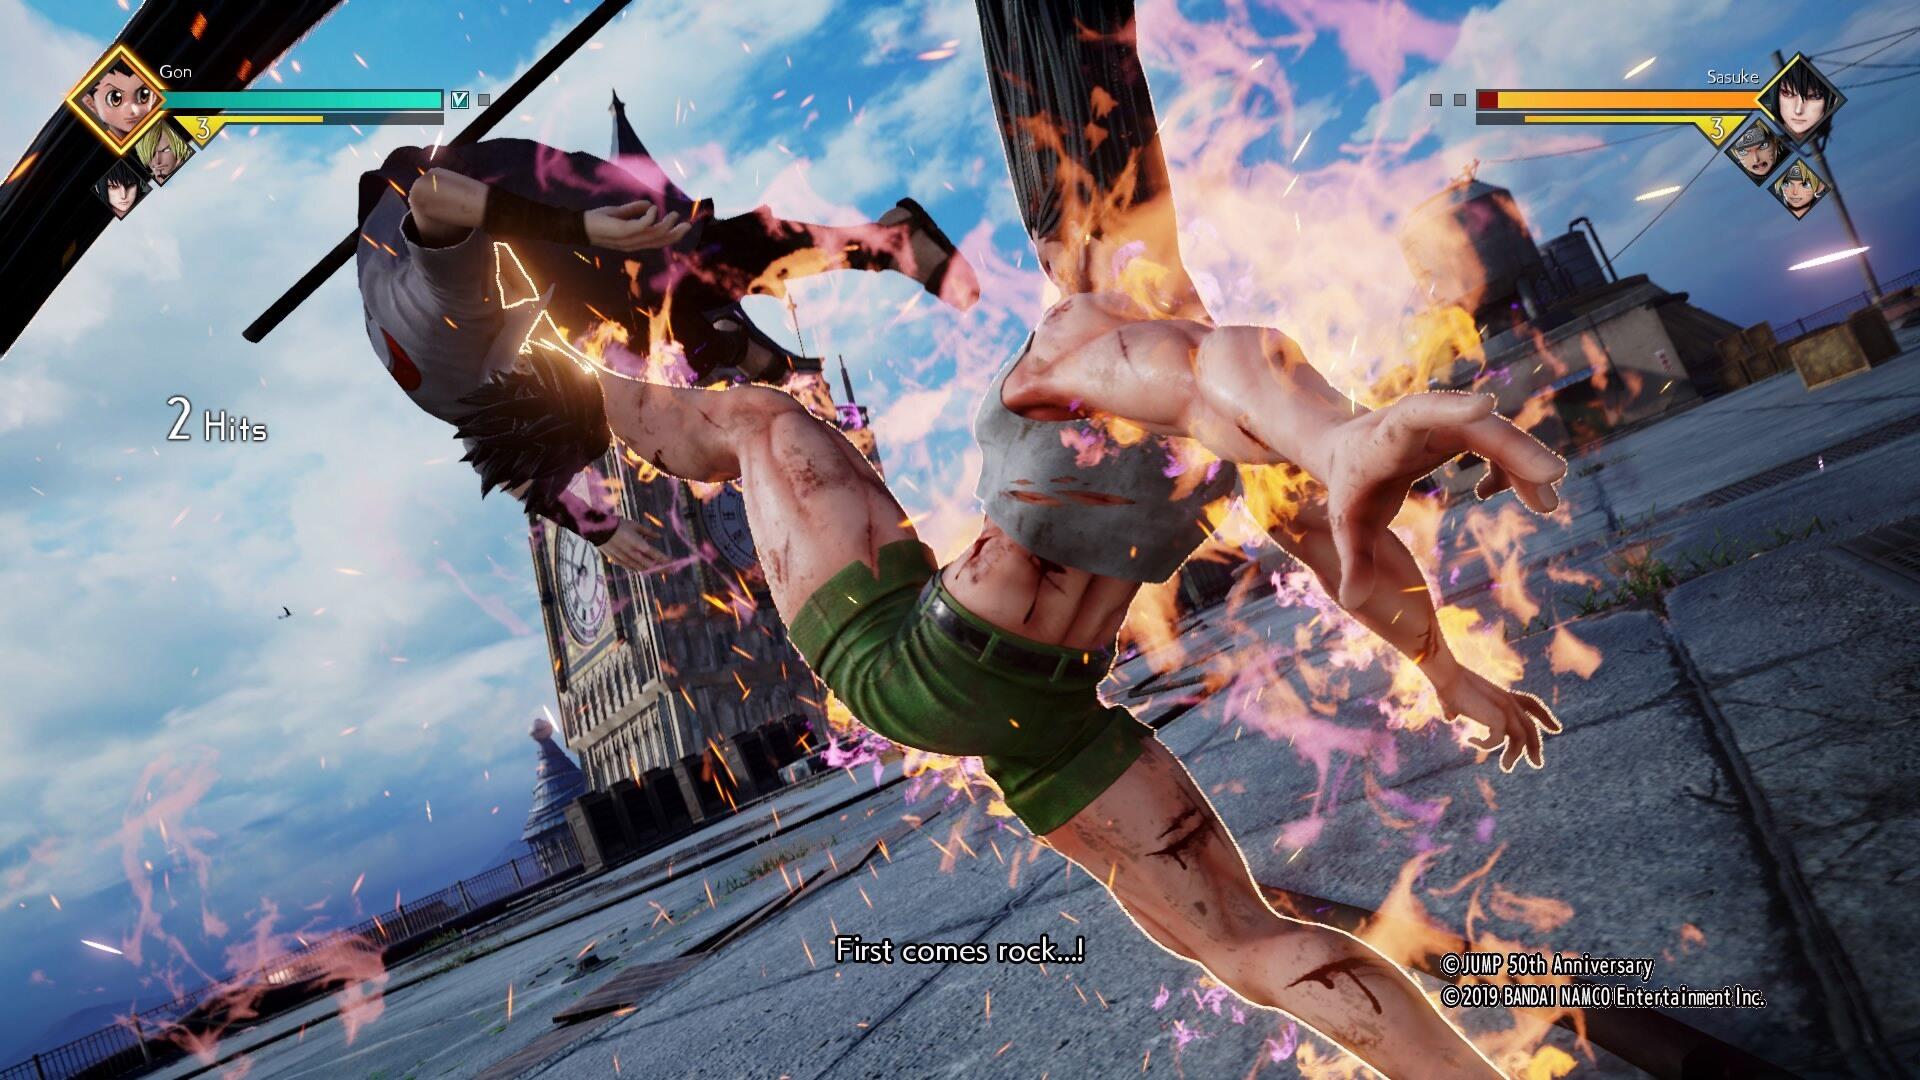 เกมส์ PC - แผ่นDVD USB Flashdrive | Jump Force Ultimate Edition ภาษาไทย +  อัพเดทใหม่ล่าสุด เพิ่มตัวละครใหม่ | แผ่นเกม คอมพิวเตอร์ PC Game |  Lazada.co.th